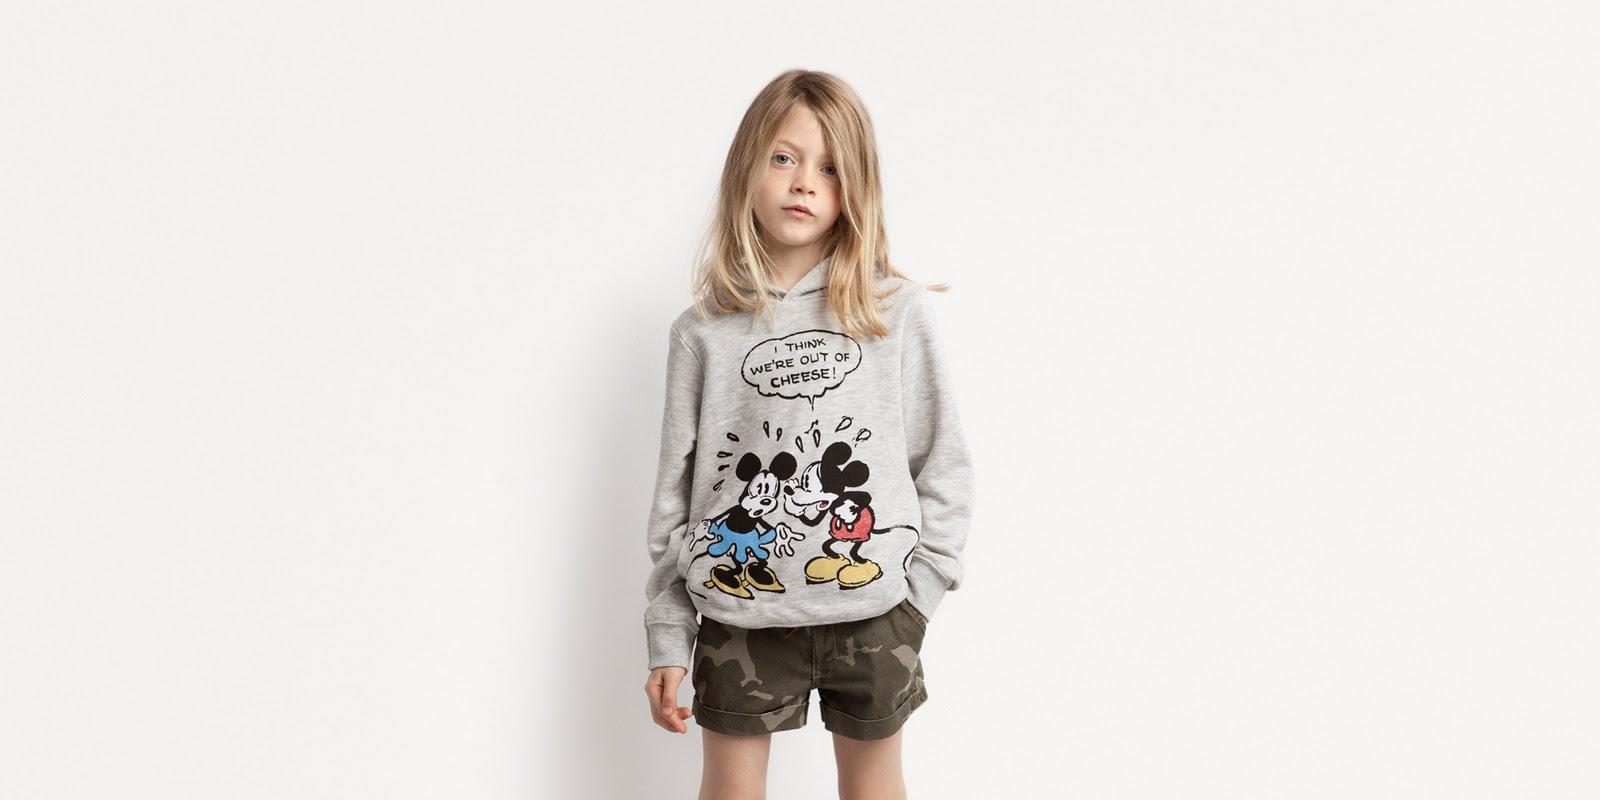 Zara bambini brincando de moda gente grande - Zara roquetas de mar ...